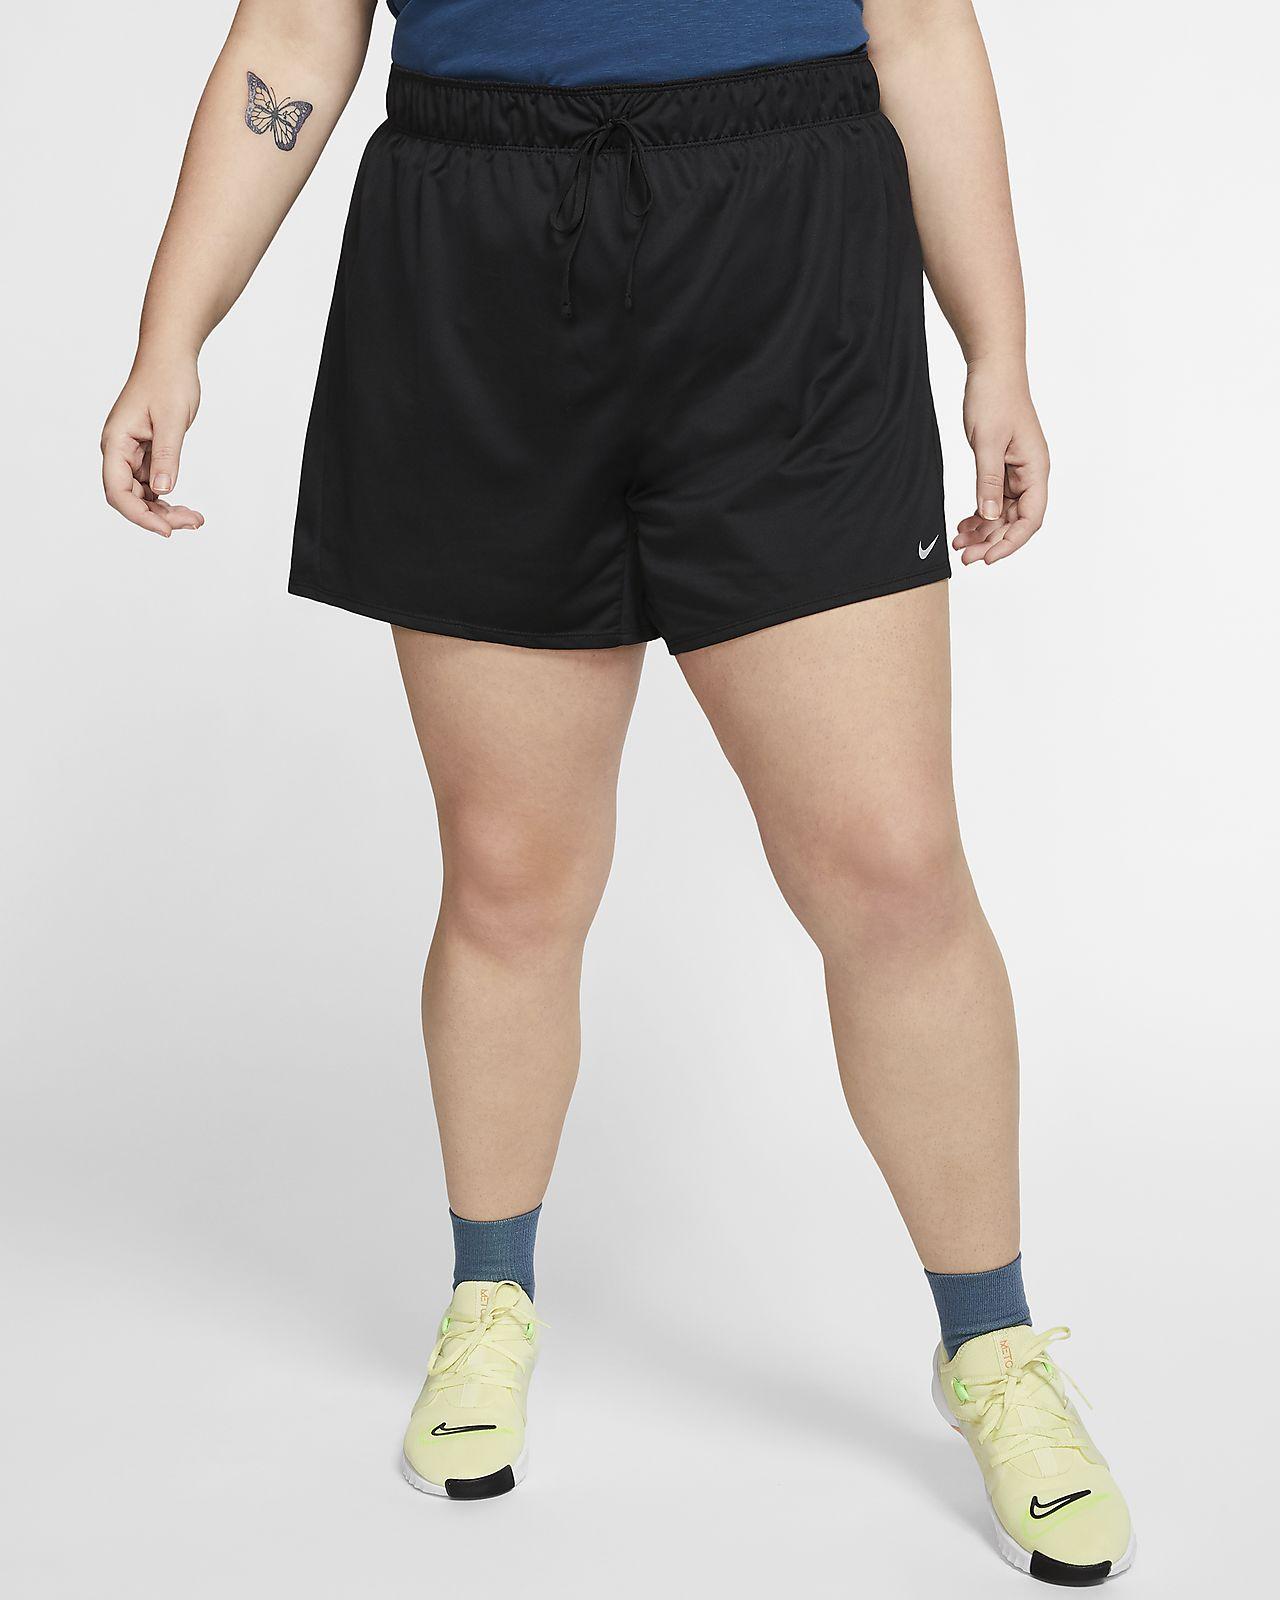 Nike Dri-FIT Women's Training Shorts (Plus Size)